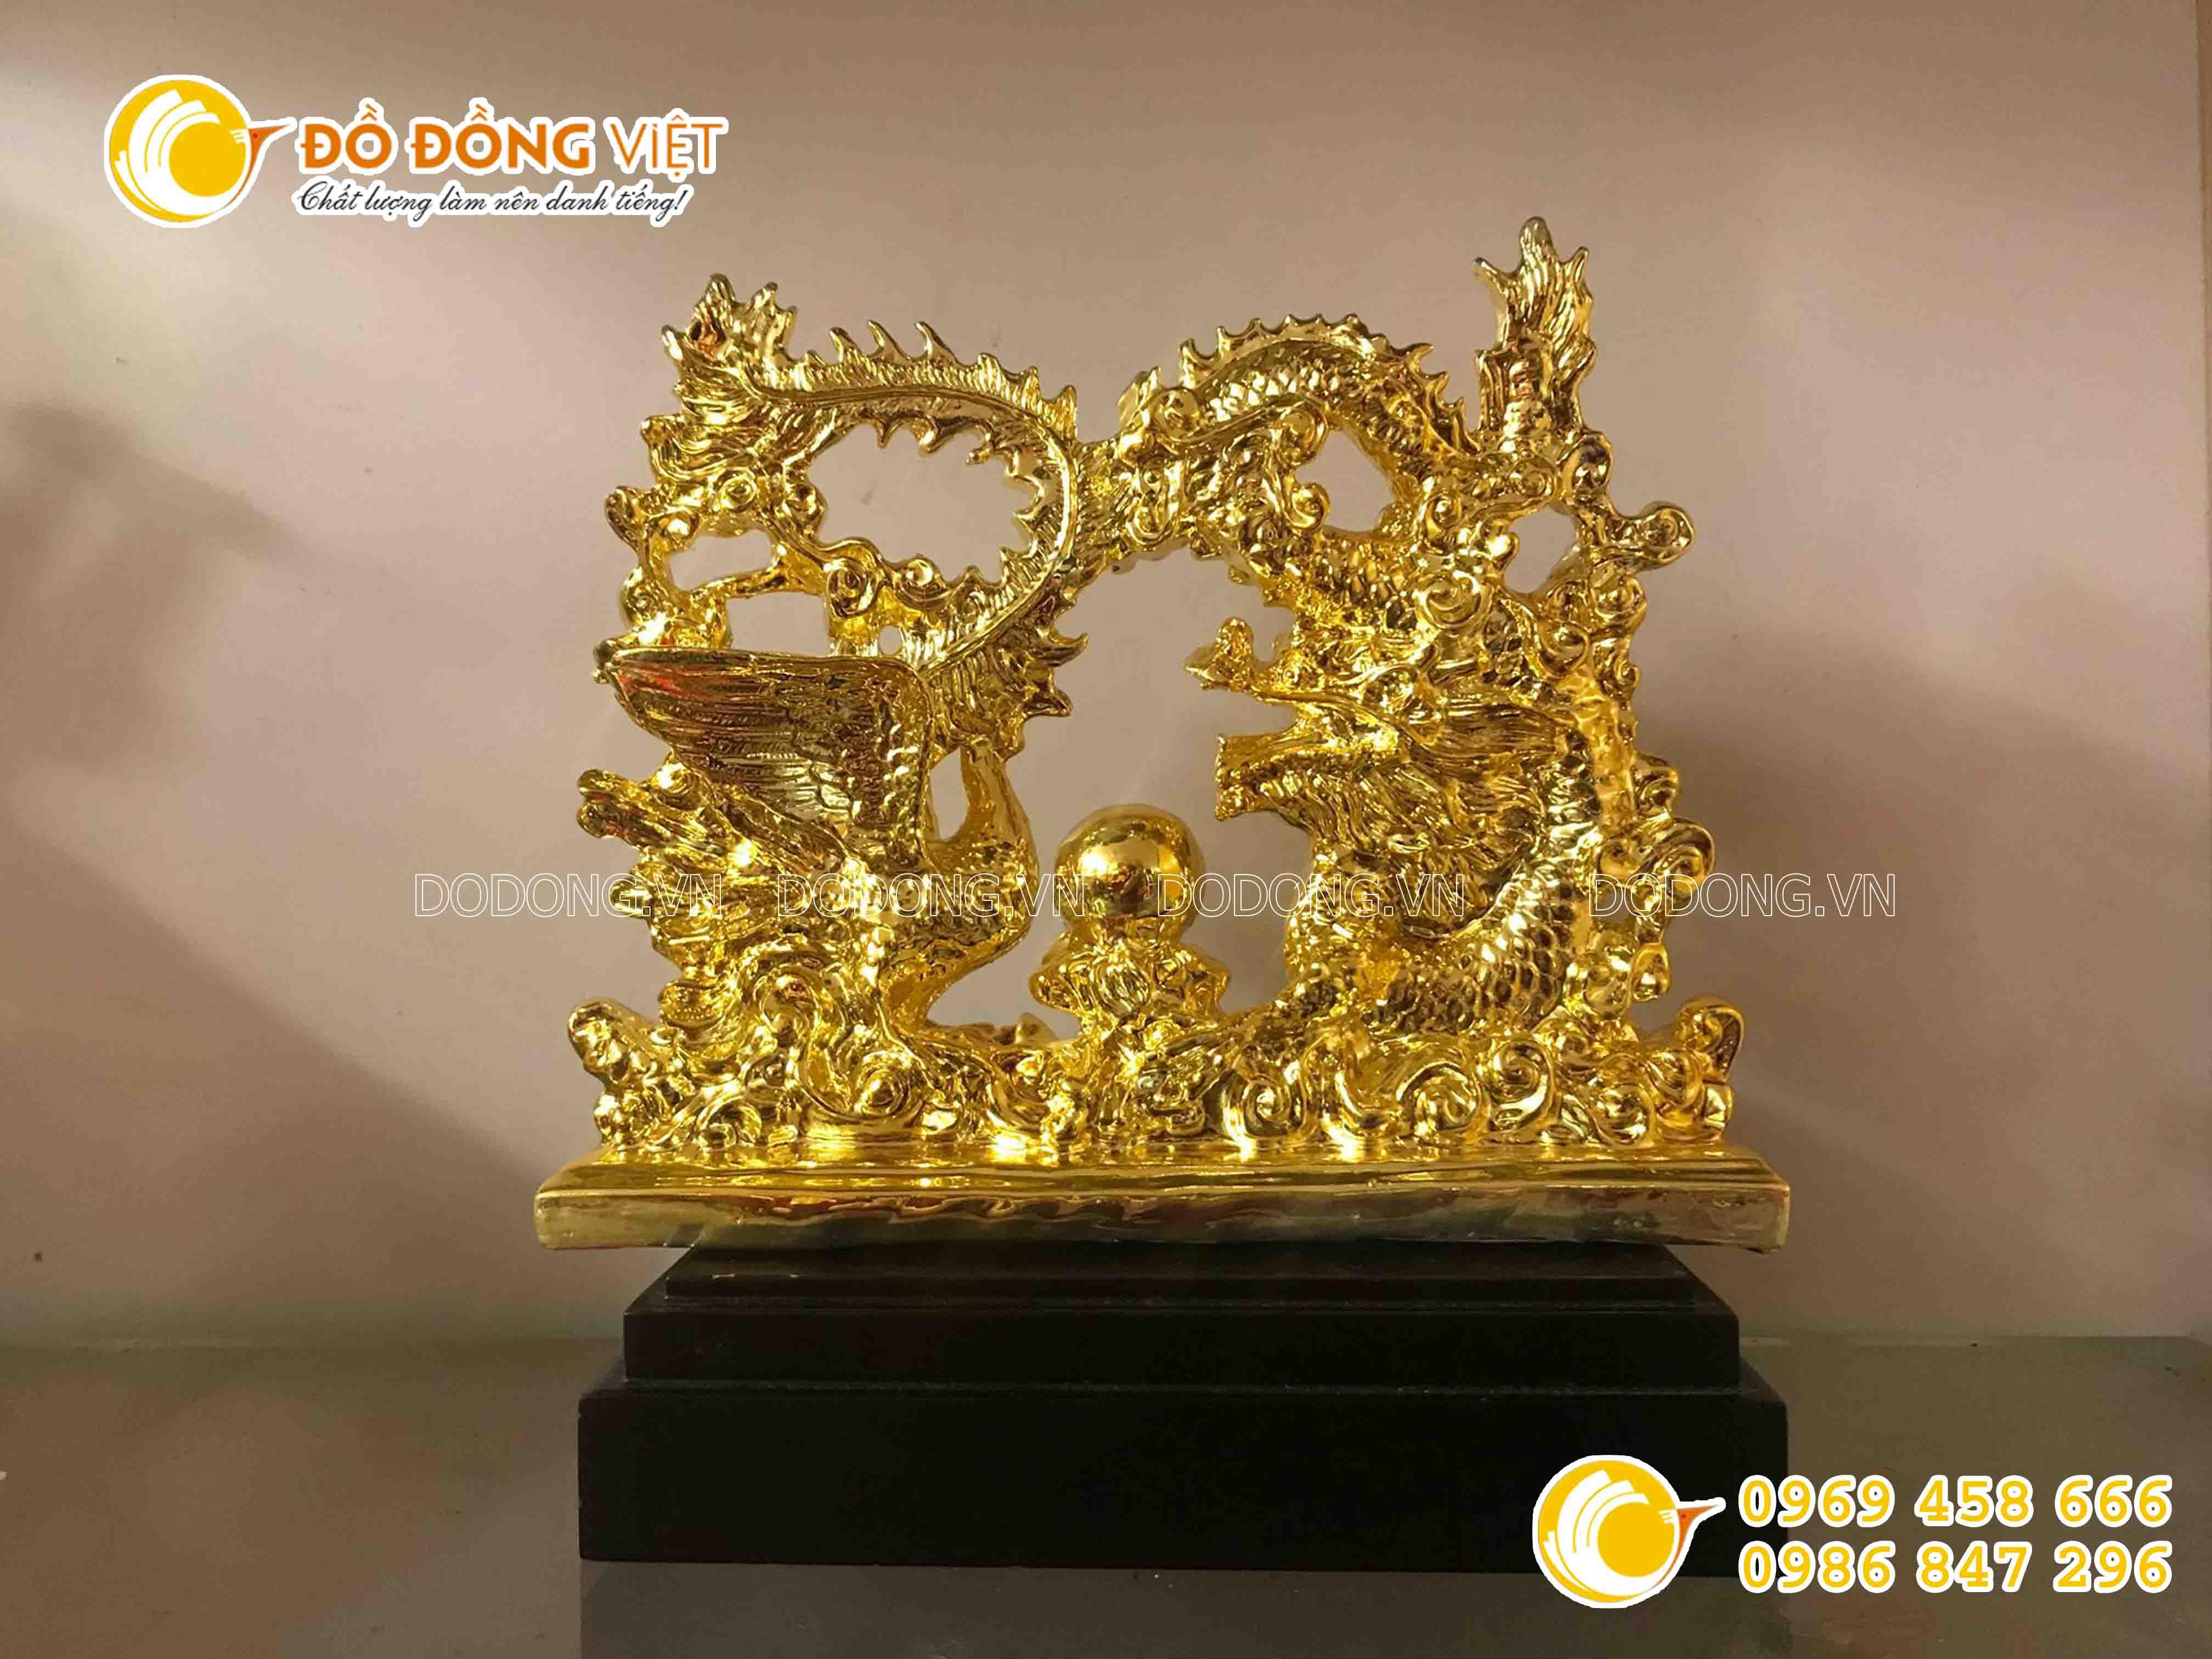 Quà cưới ý nghĩa- tượng rồng phượng bằng đồng mạ vàng0